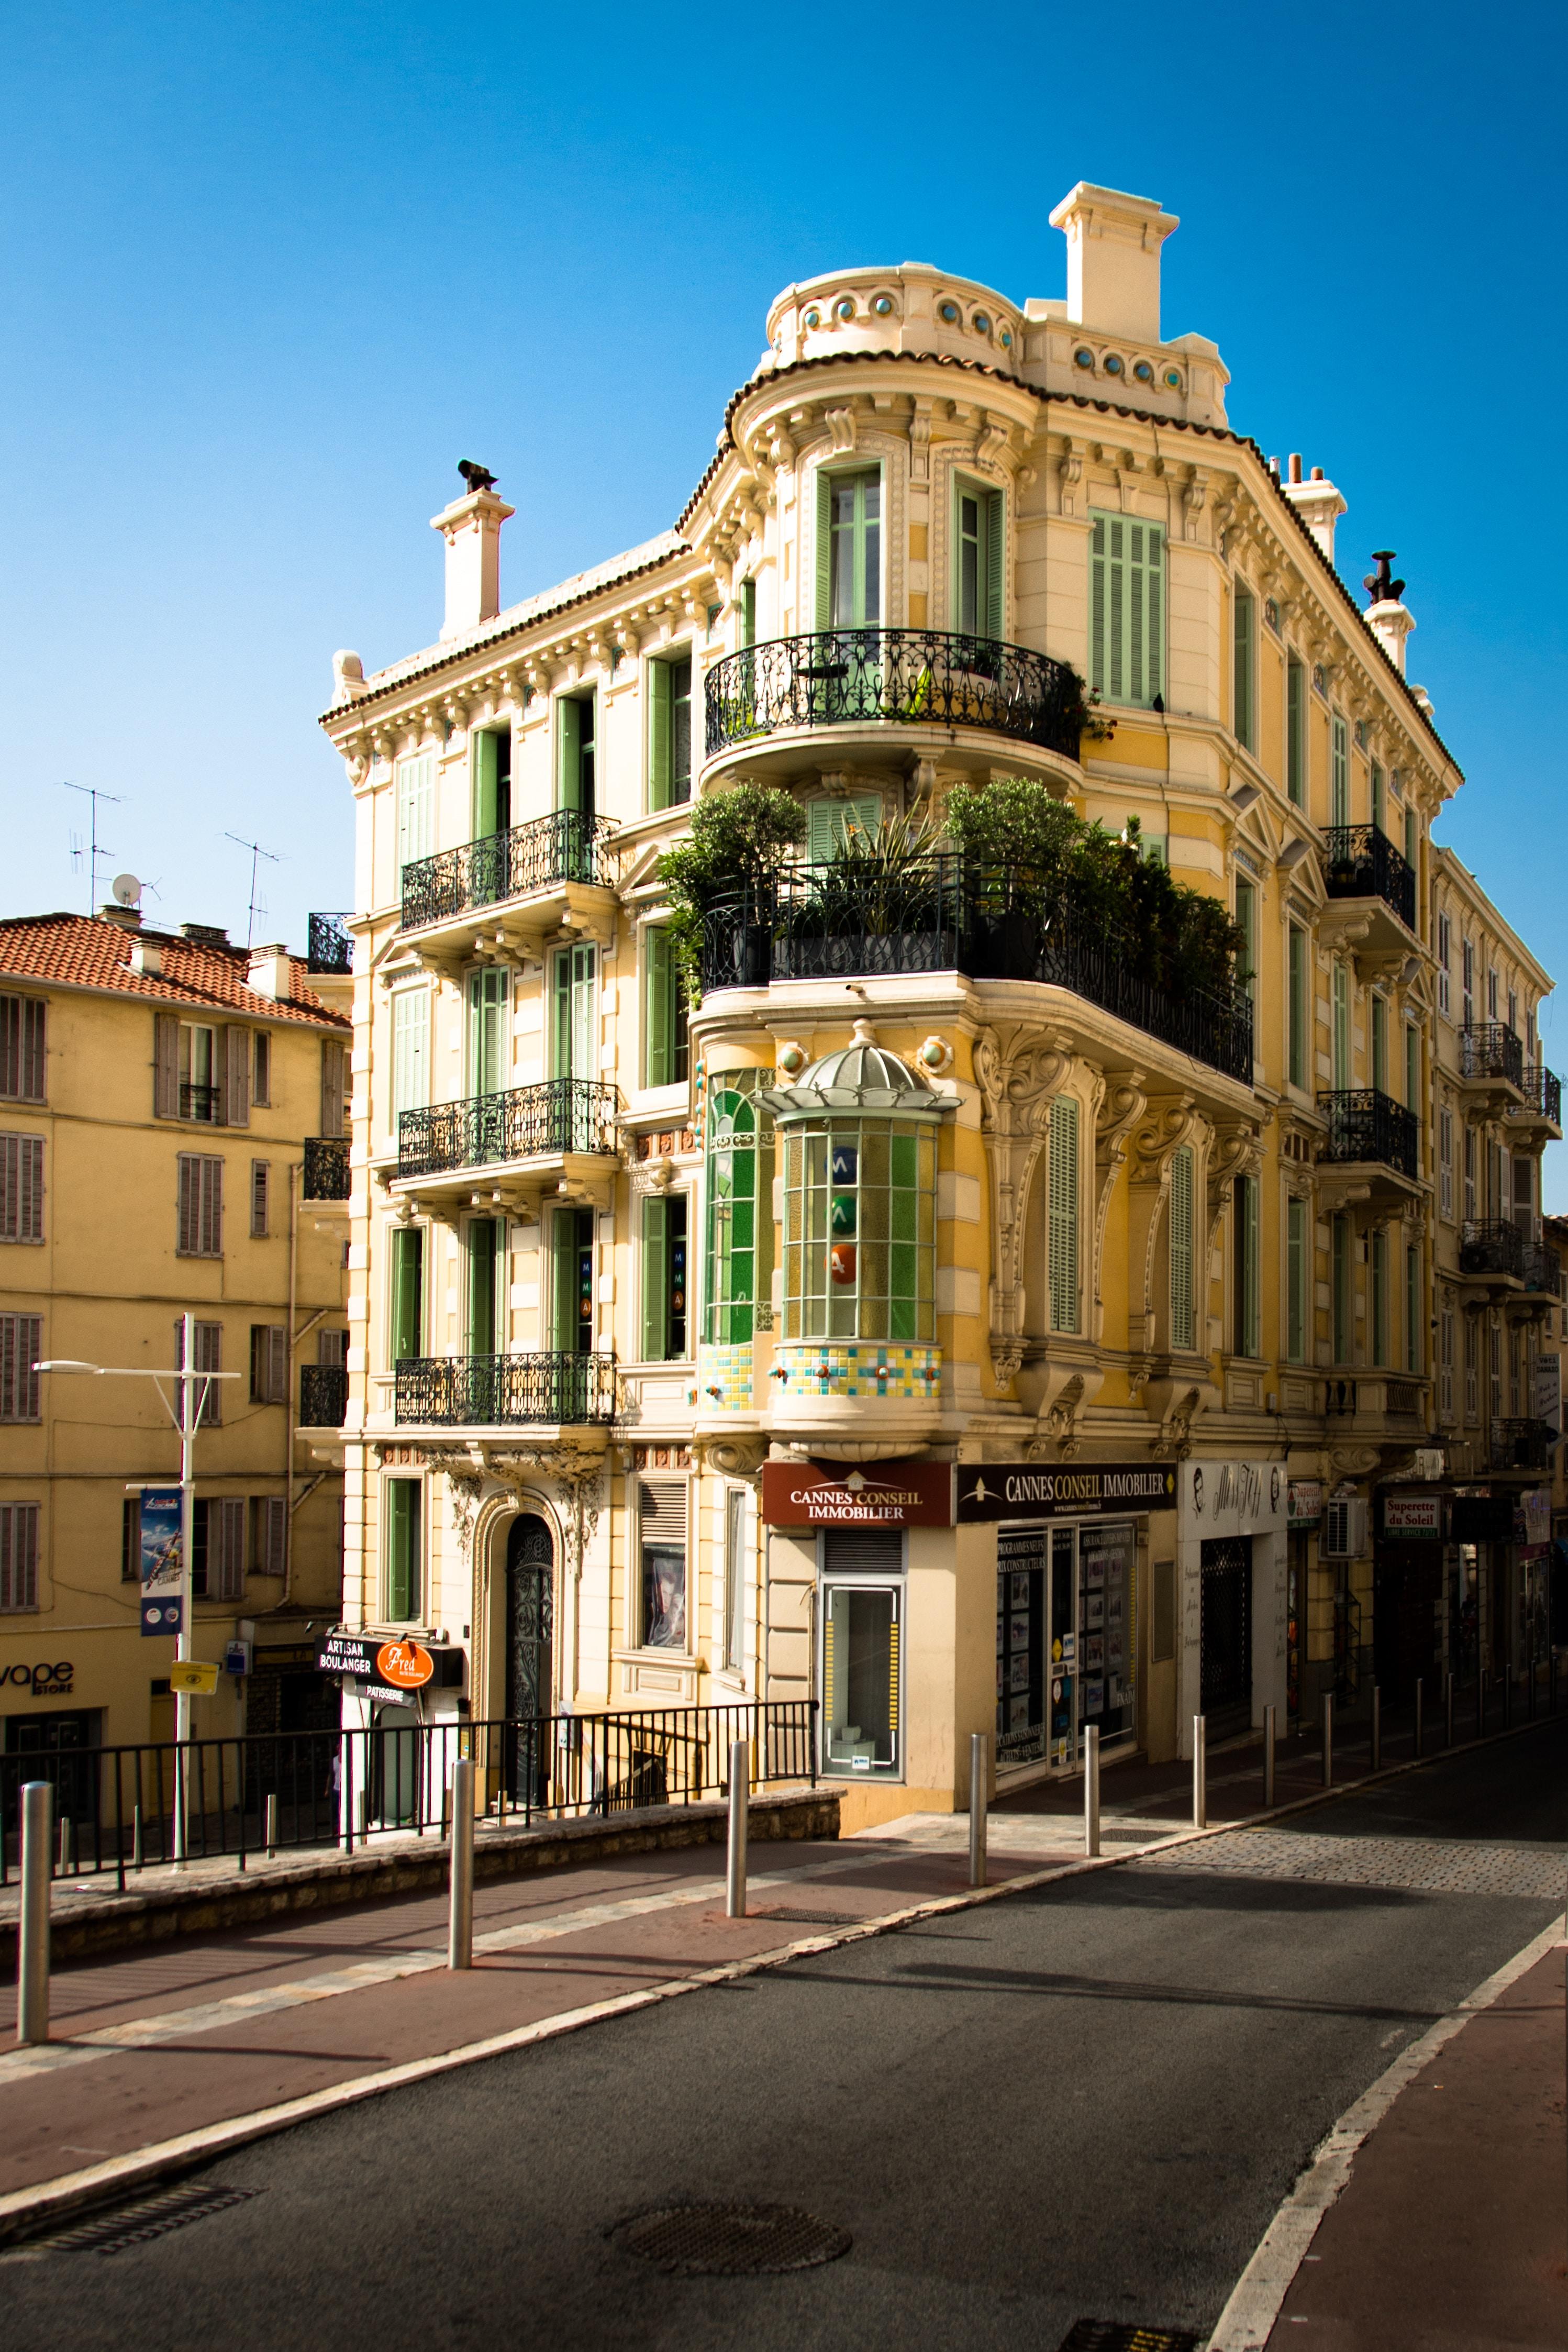 Rencontre A Carcassonne Aure Et Rencontres Sans Lendemain Gratuit